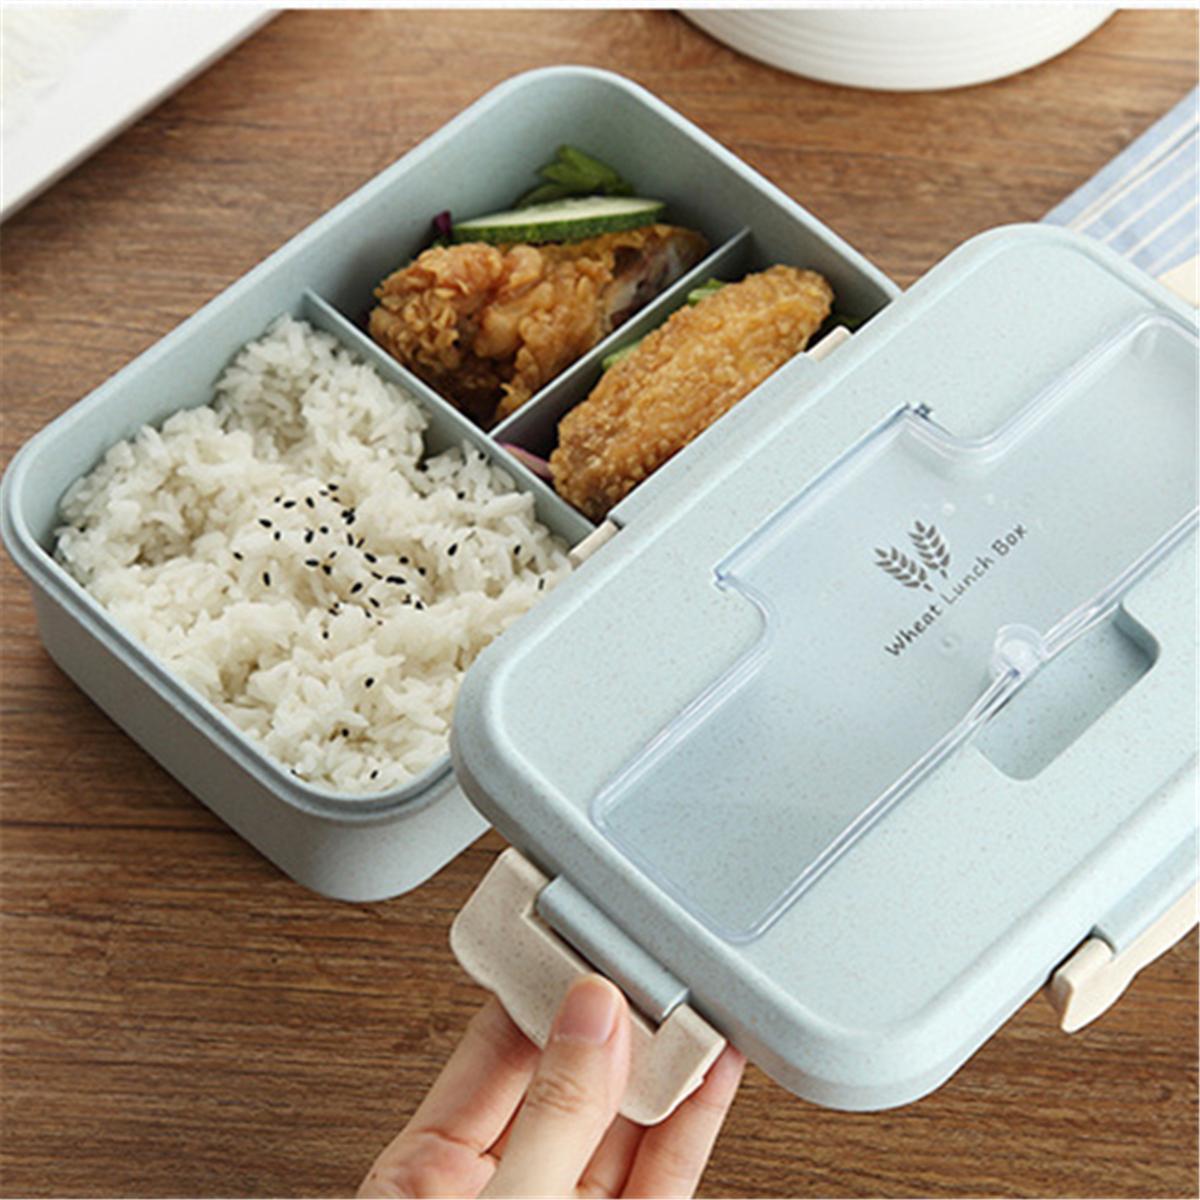 Кухонные ножи и прочие приборы Упаковка с палочками для хранения пищевых баллонов (Фото 5)